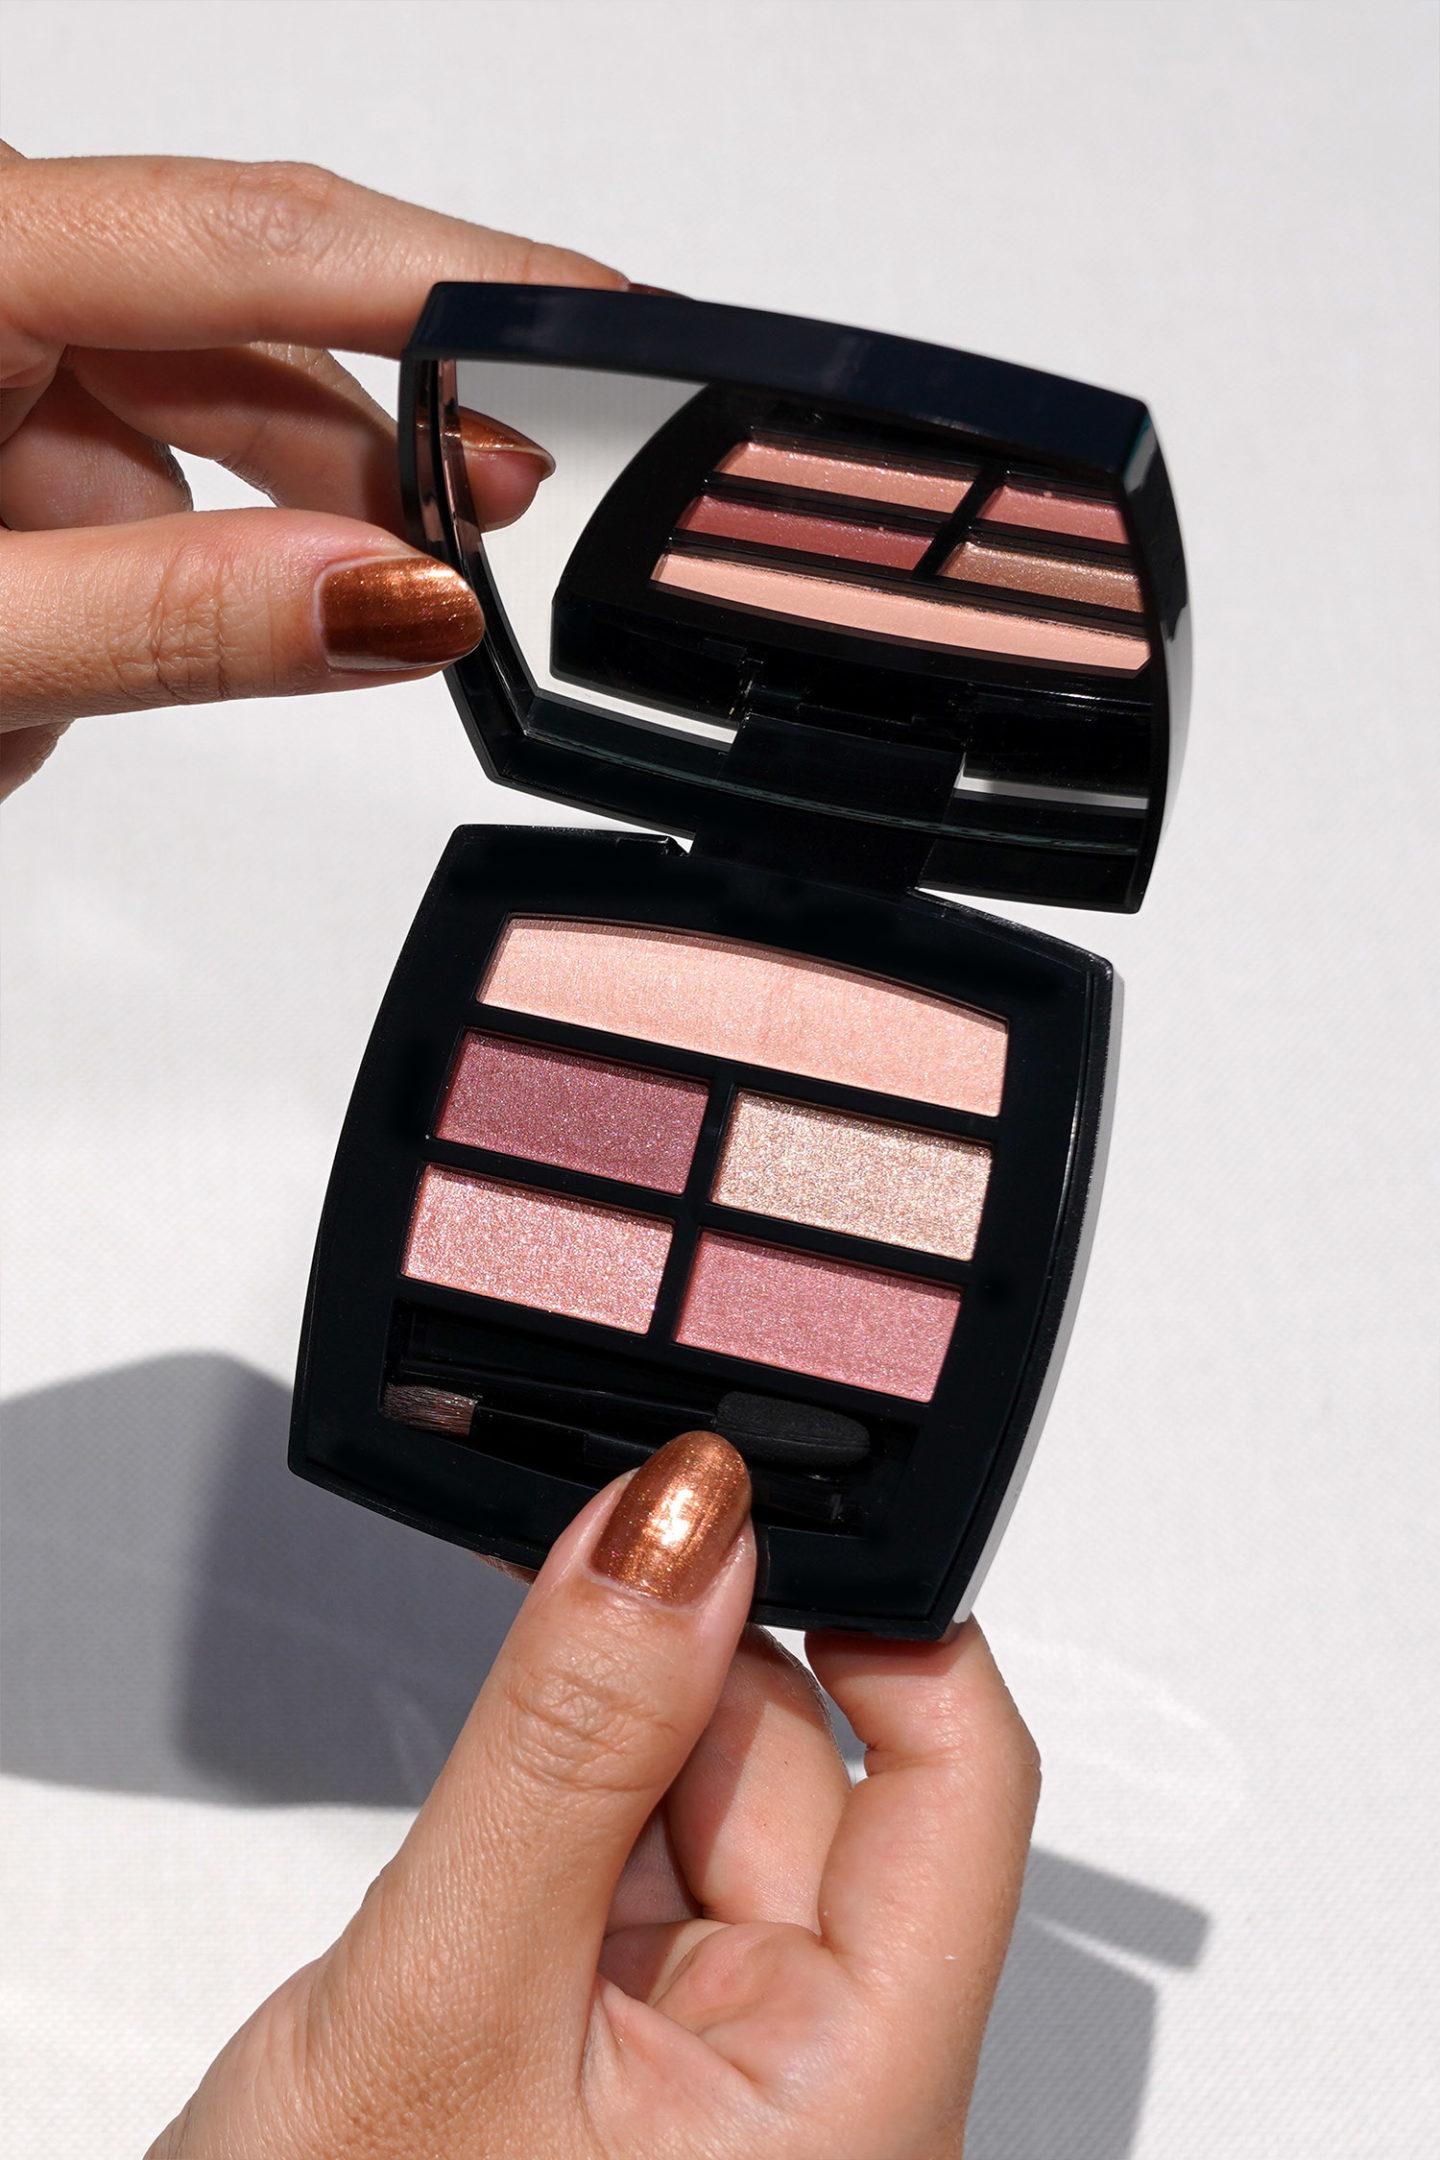 Palette d'ombres à paupières naturelles Chanel Les Beiges Healthy Glow in Tender